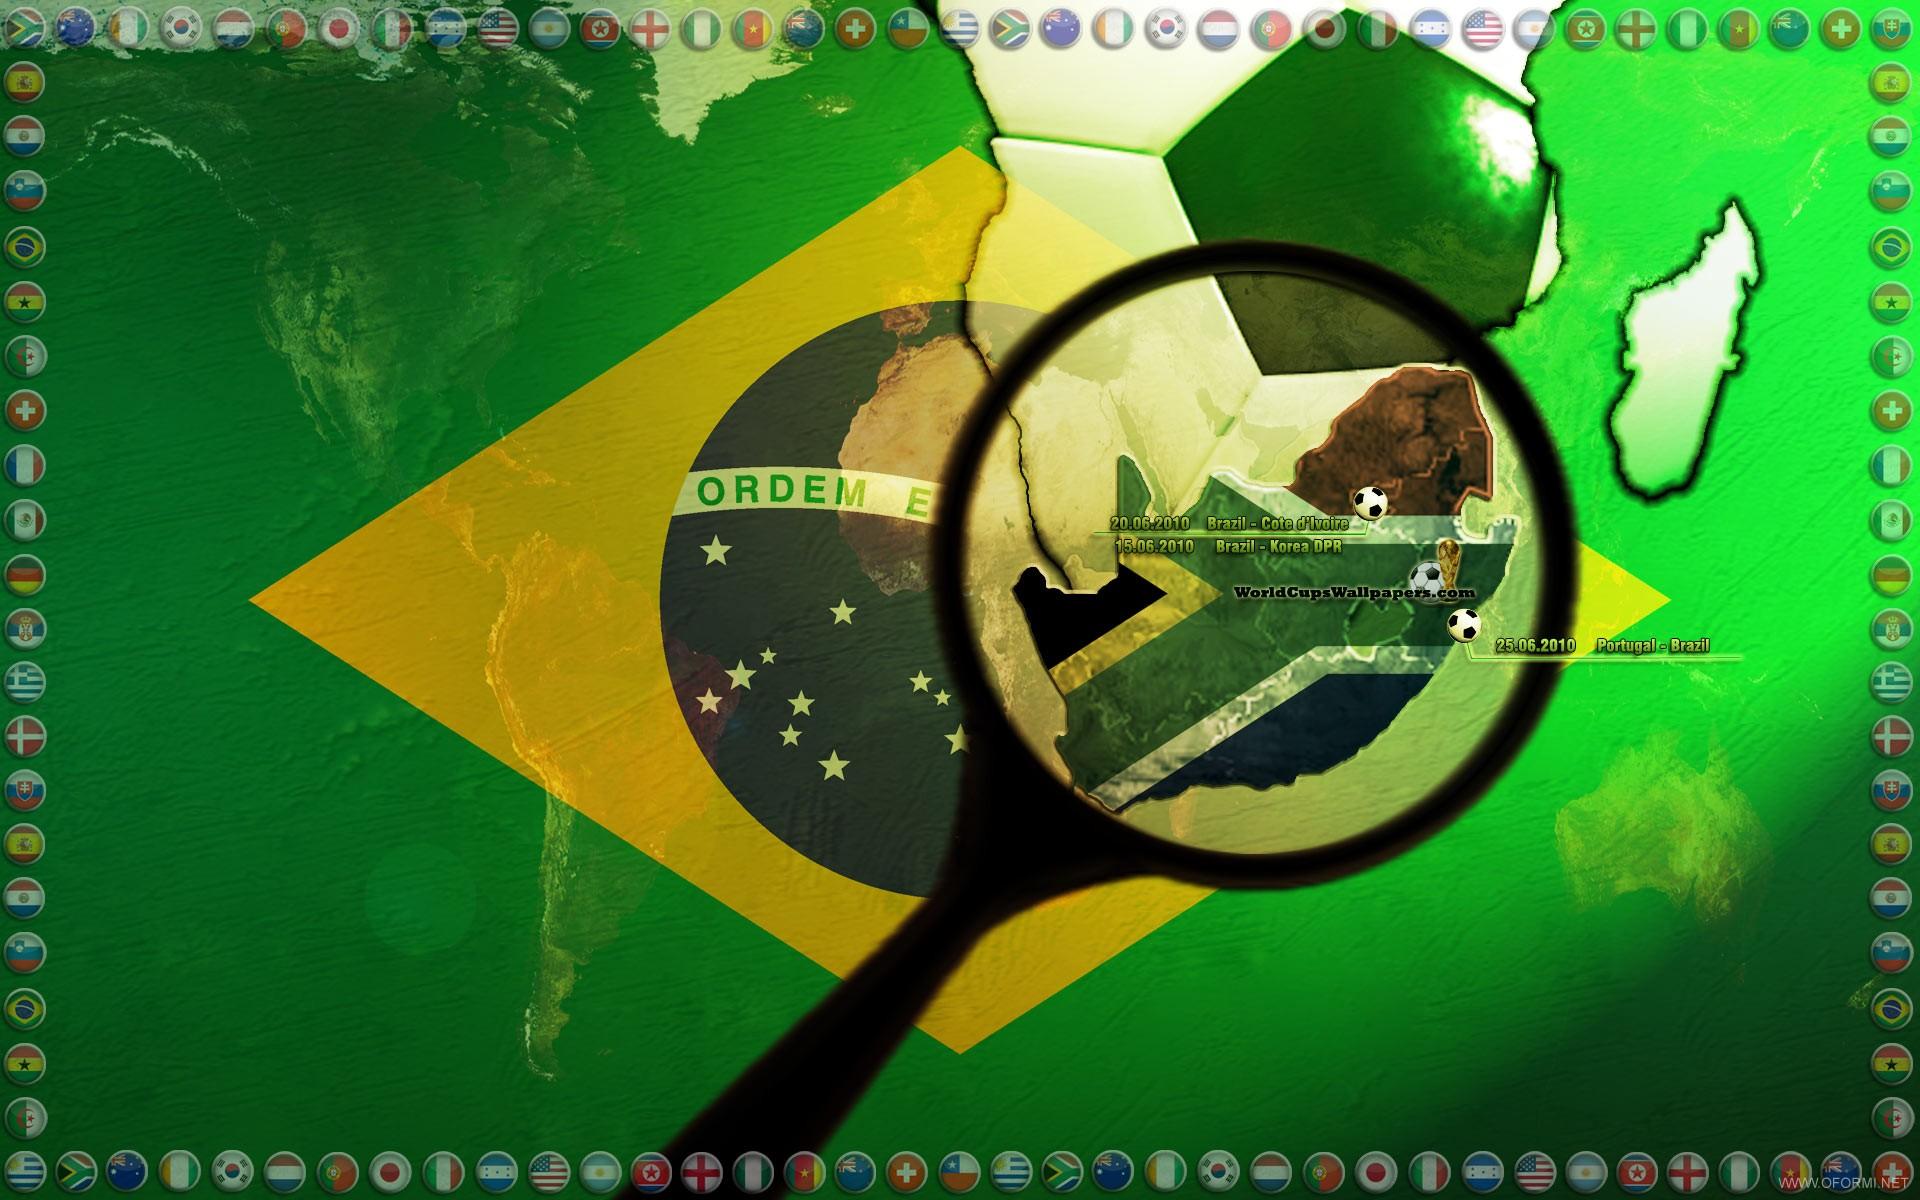 Бразилия чемпионат мира по футболу 2010